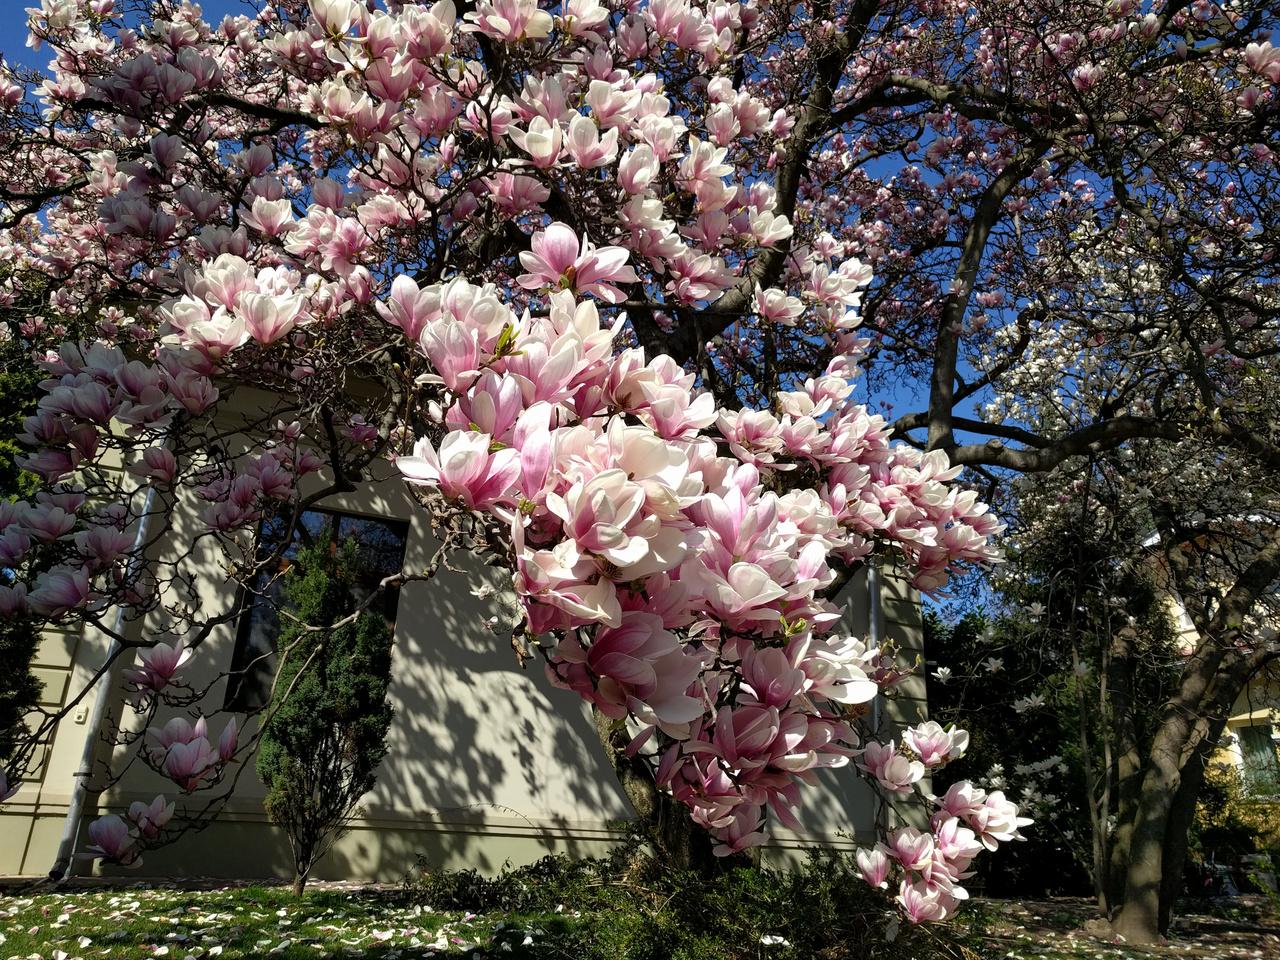 Több mint kétszáz fajuk van, de városnéző turistaként elég ha annyit jegyzünk meg, hogy hú ez milyen szép rózsaszín...